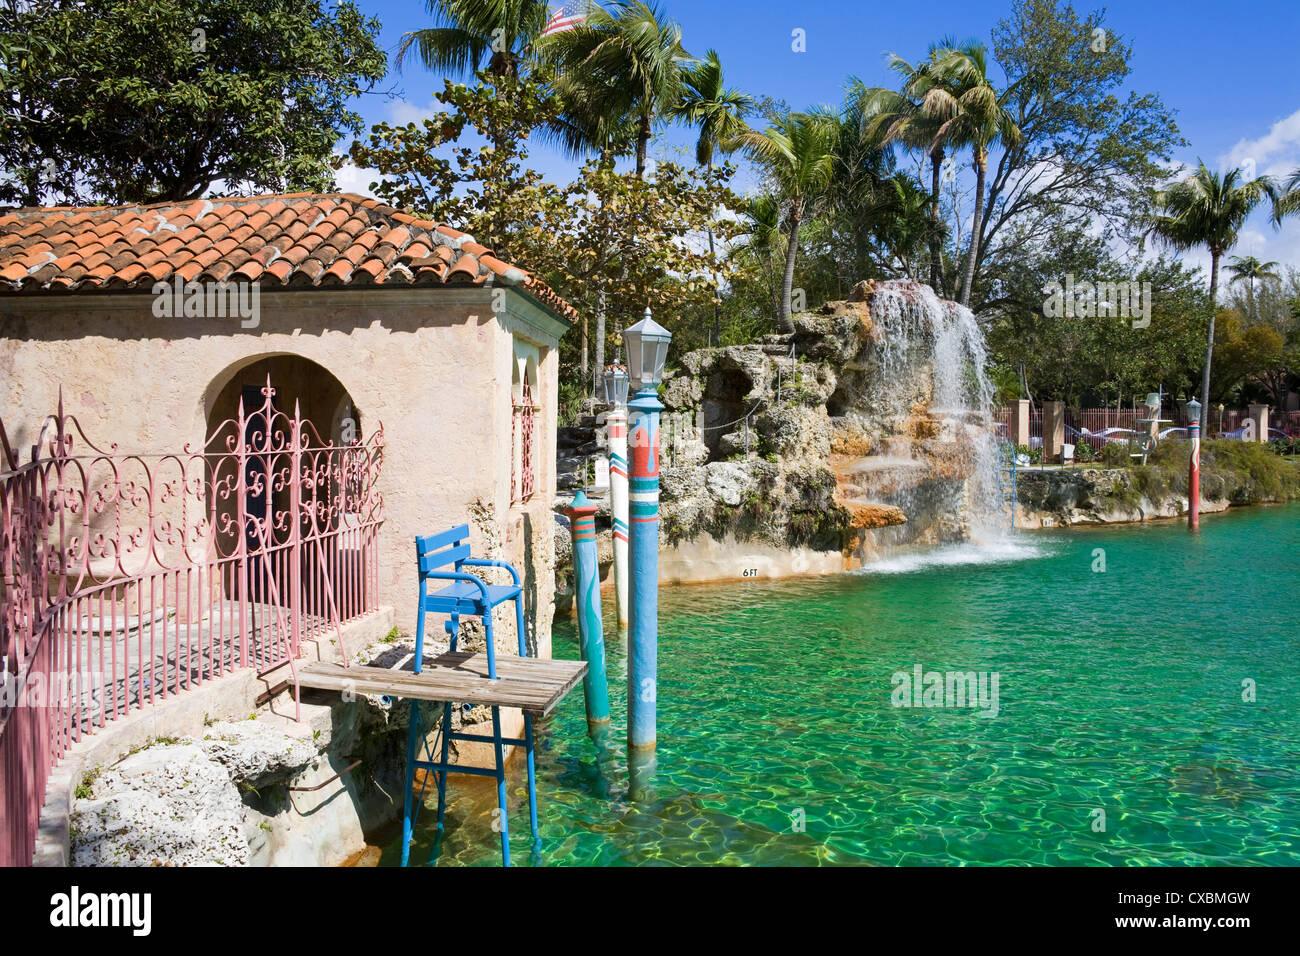 Venetian Pool, Coral Gables, Miami, Florida, Stati Uniti d'America, America del Nord Immagini Stock